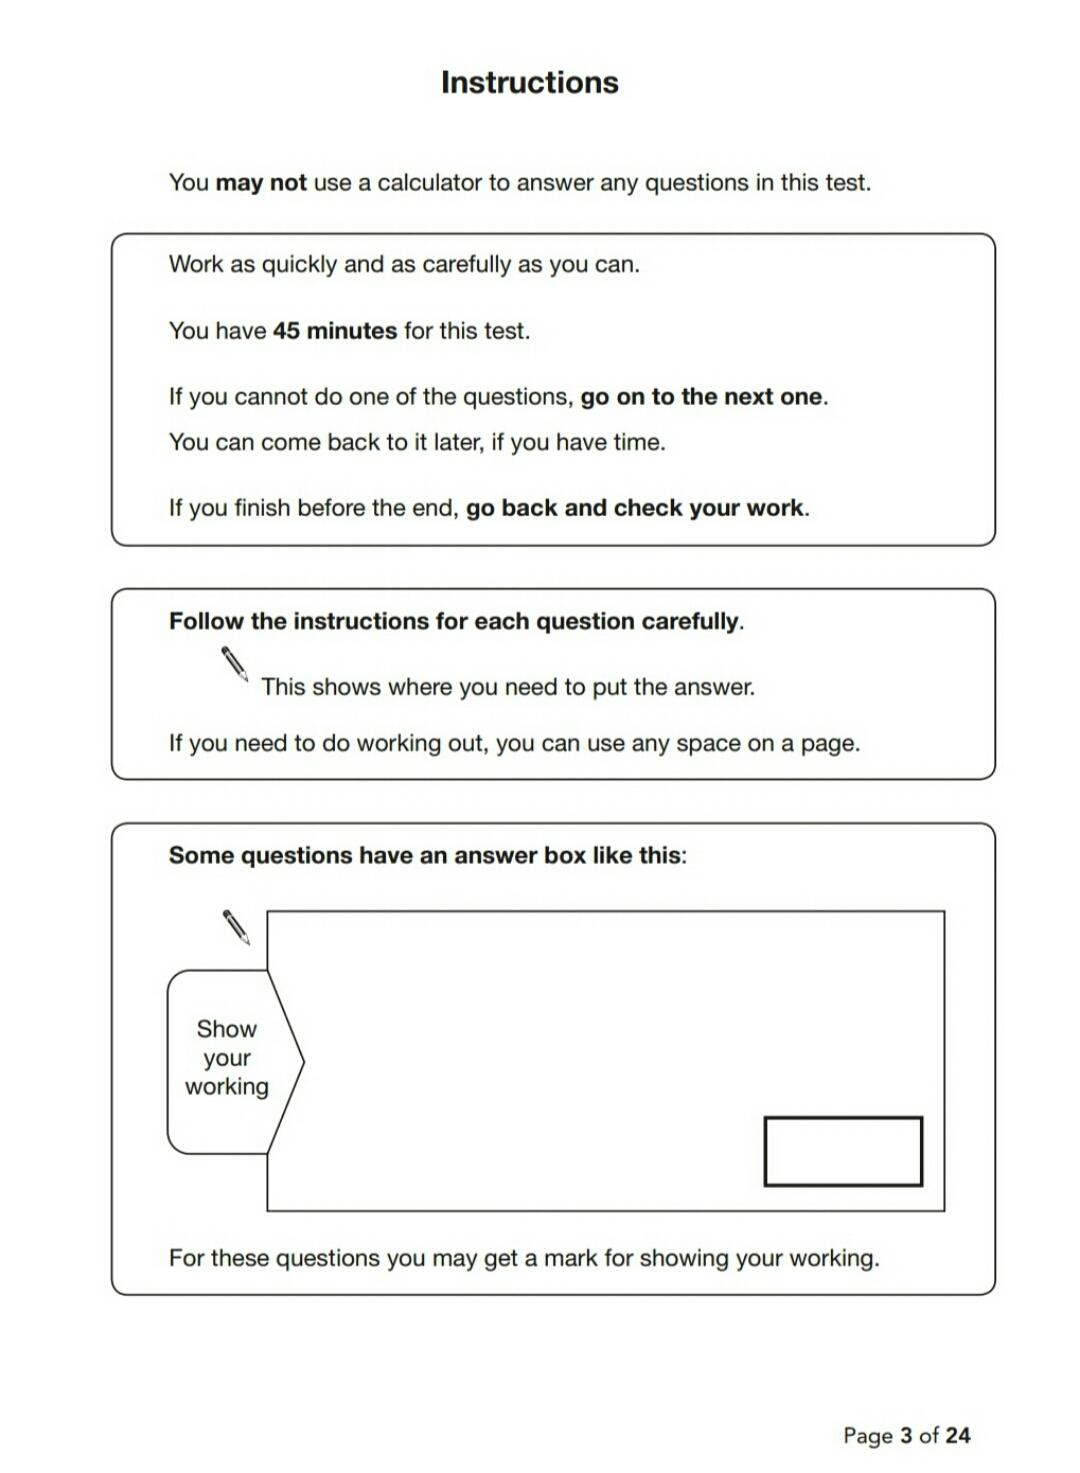 Nota Padat Bahasa Inggeris Tahun 2 Yang Sangat Bermanfaat Muat Turun Koleksi soalan Matematik Versi Bahasa Inggeris Cikgu Share Of Himpunan Nota Padat Bahasa Inggeris Tahun 2 Yang Menarik Untuk Para Guru Muat Turun